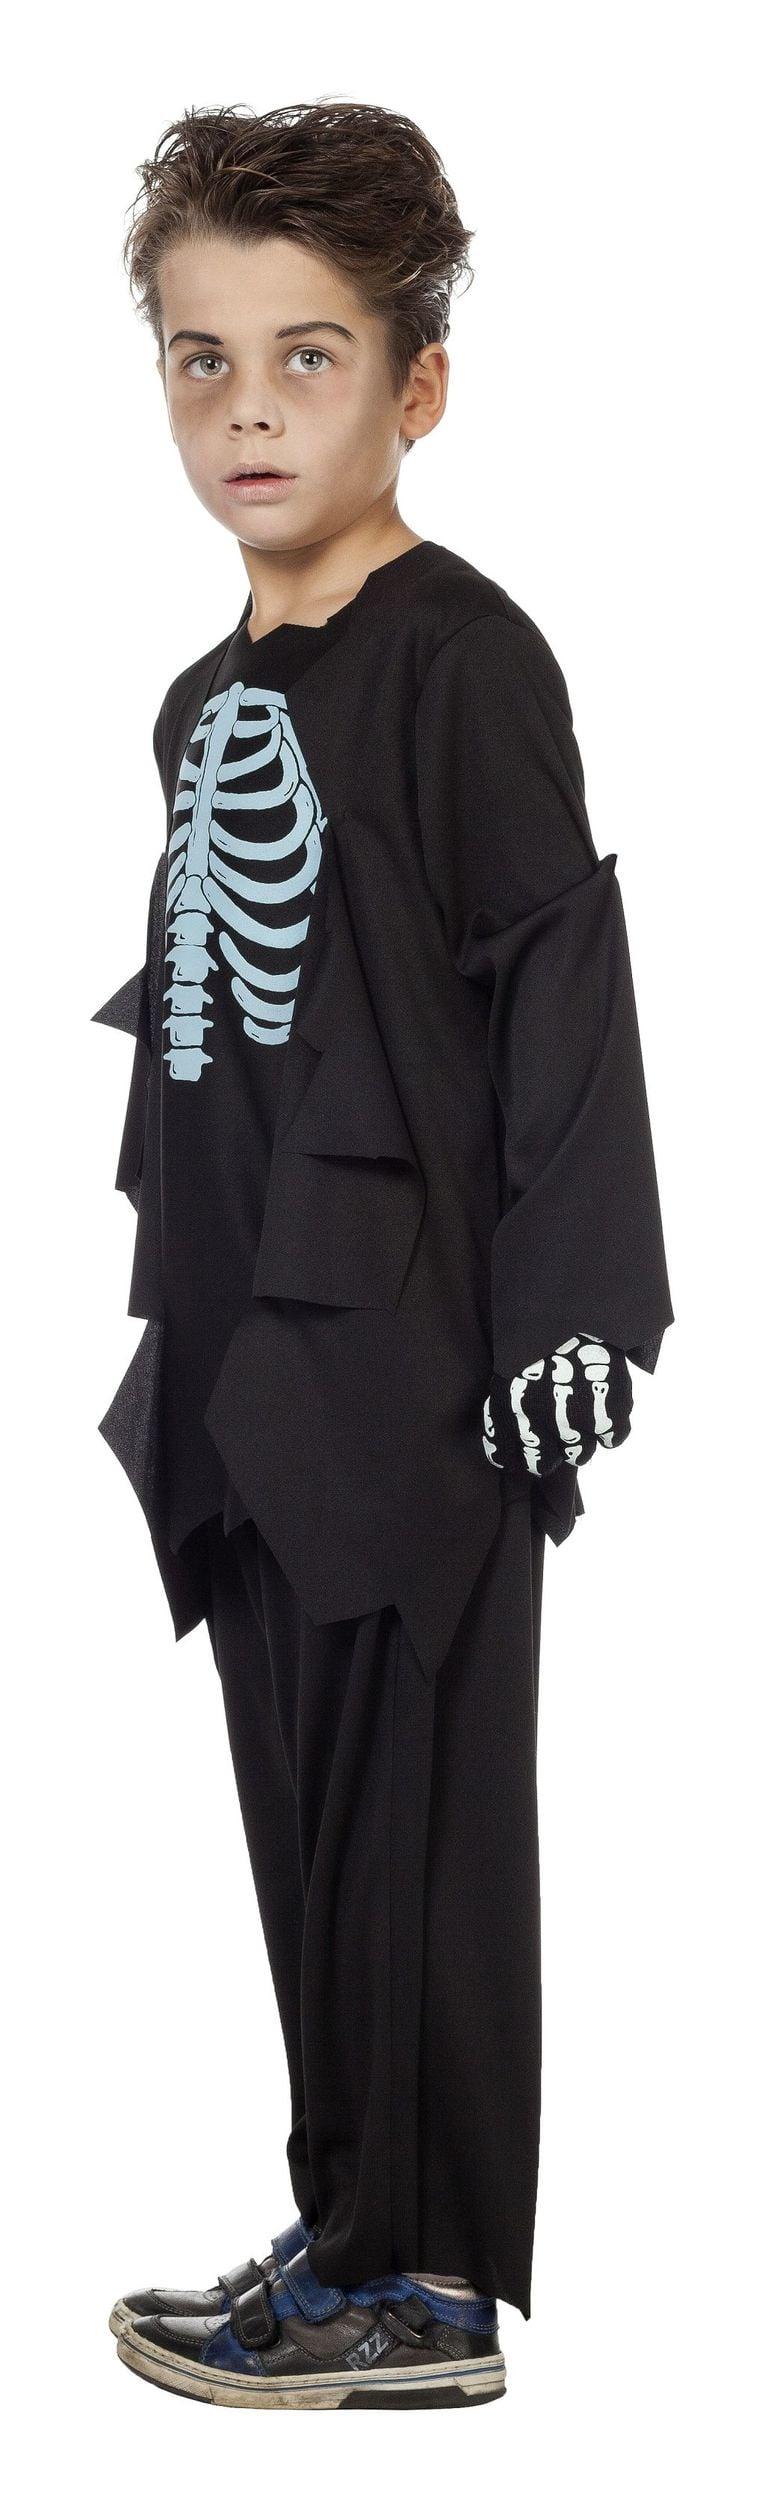 Skelet jongen